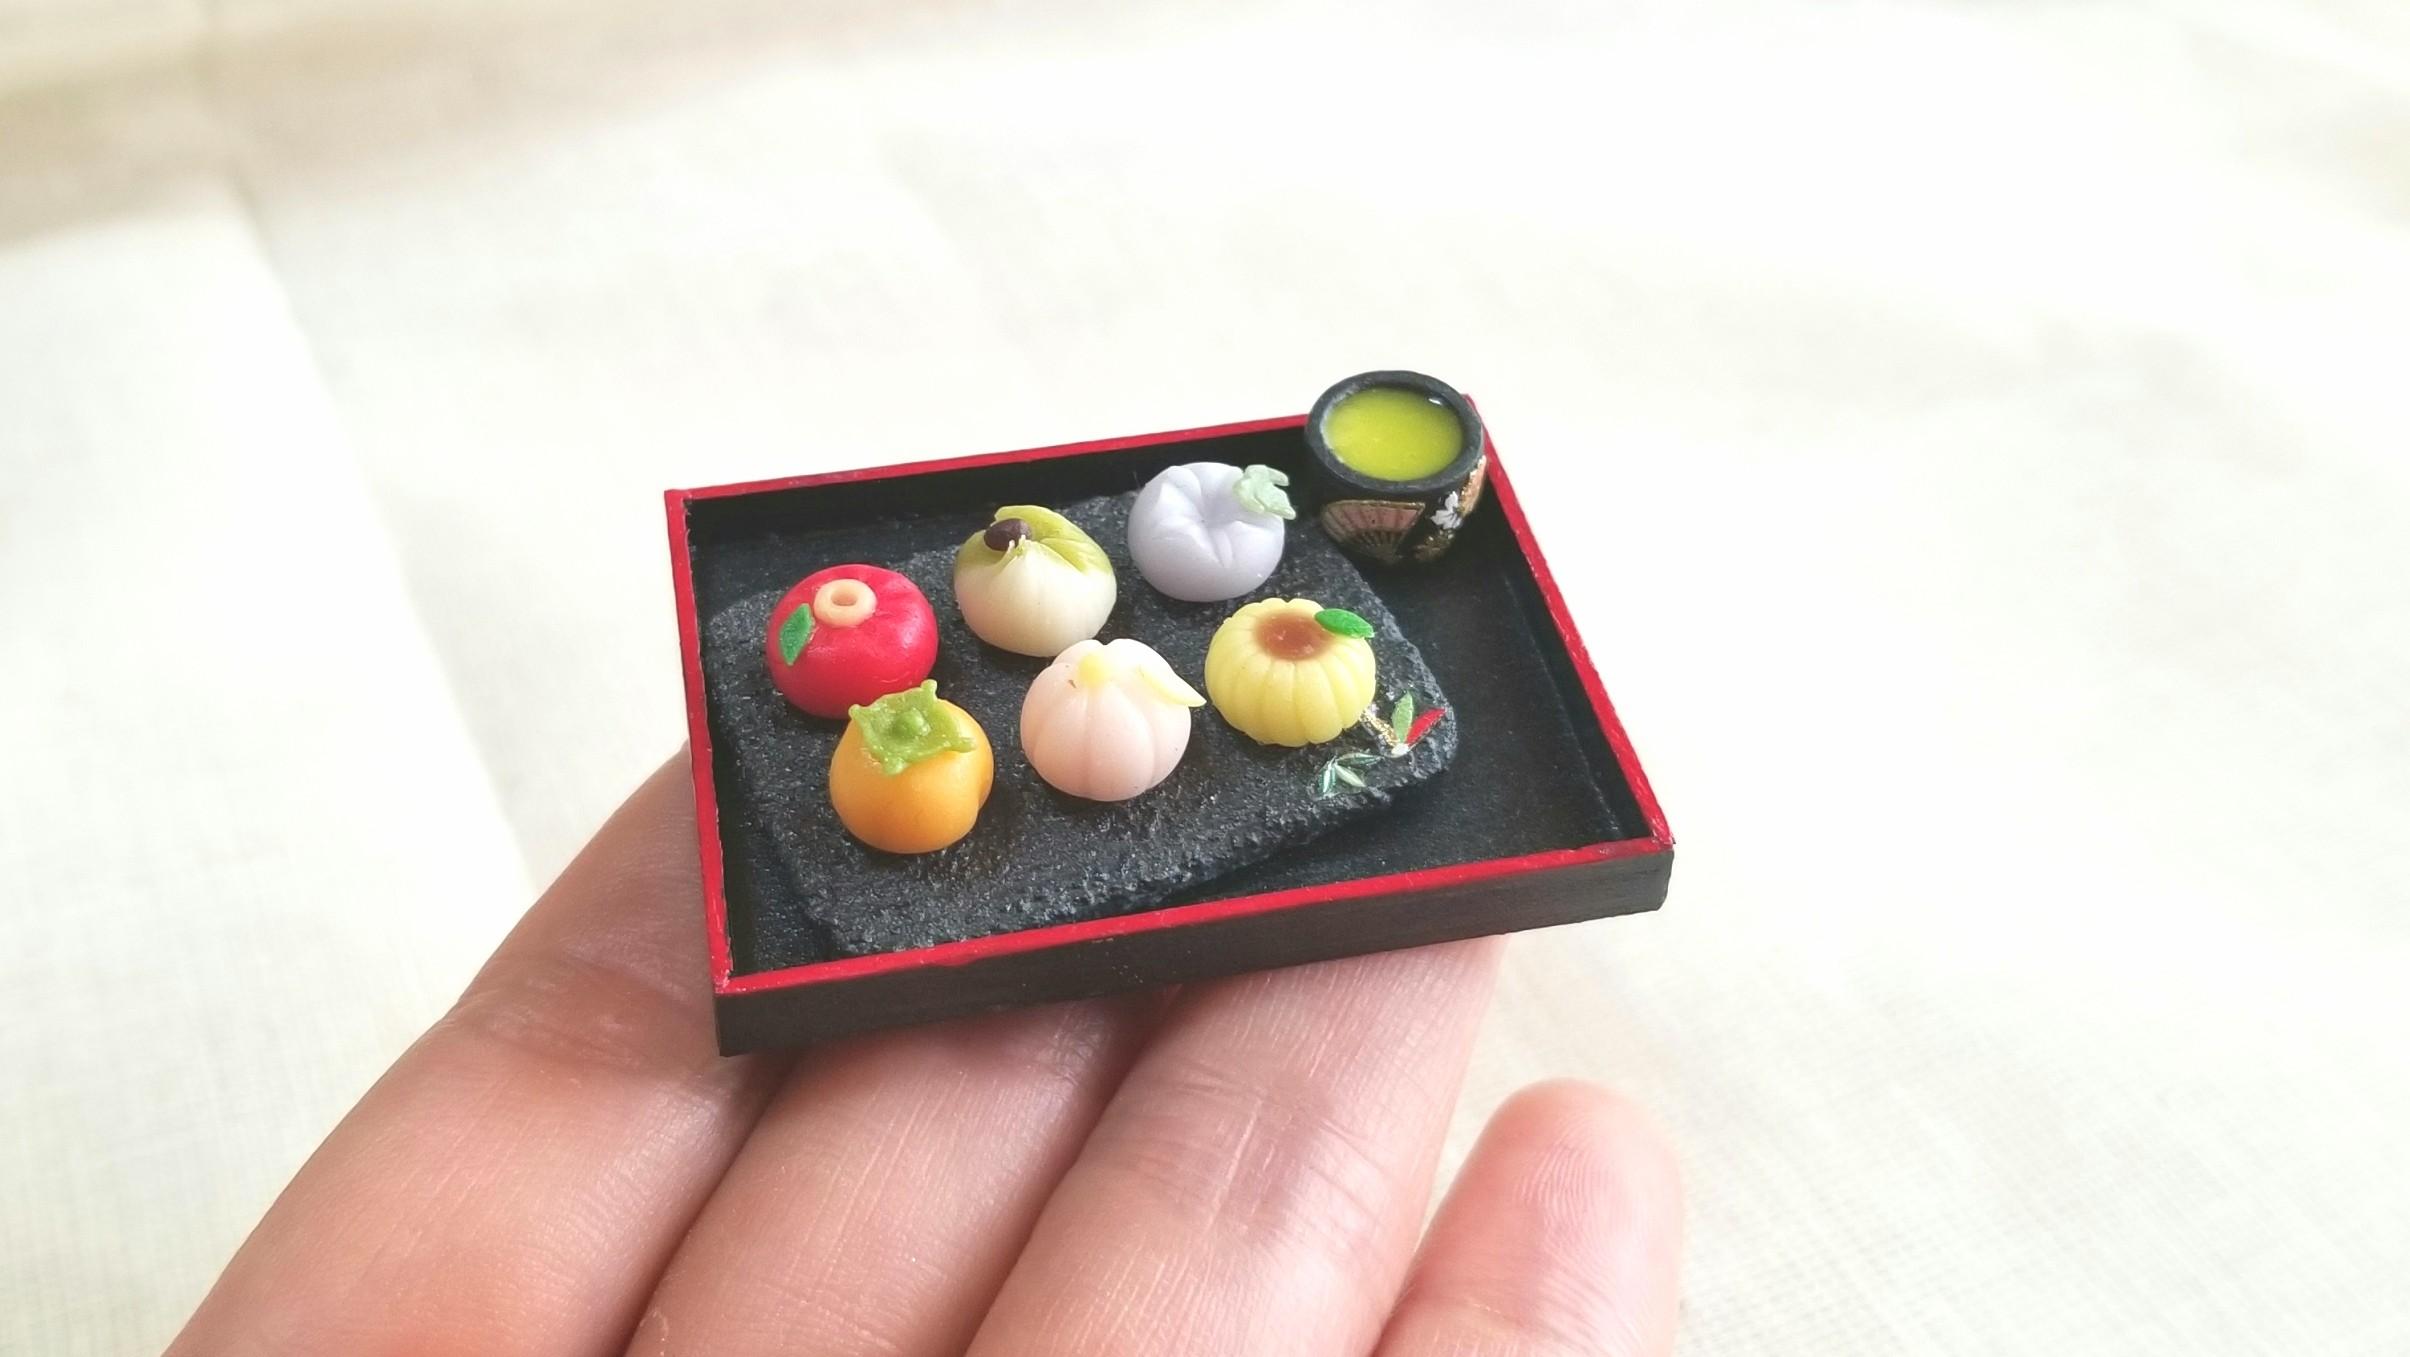 ミニチュア和菓子,樹脂粘土,かわいいドール小物,おもちゃ,おすすめ